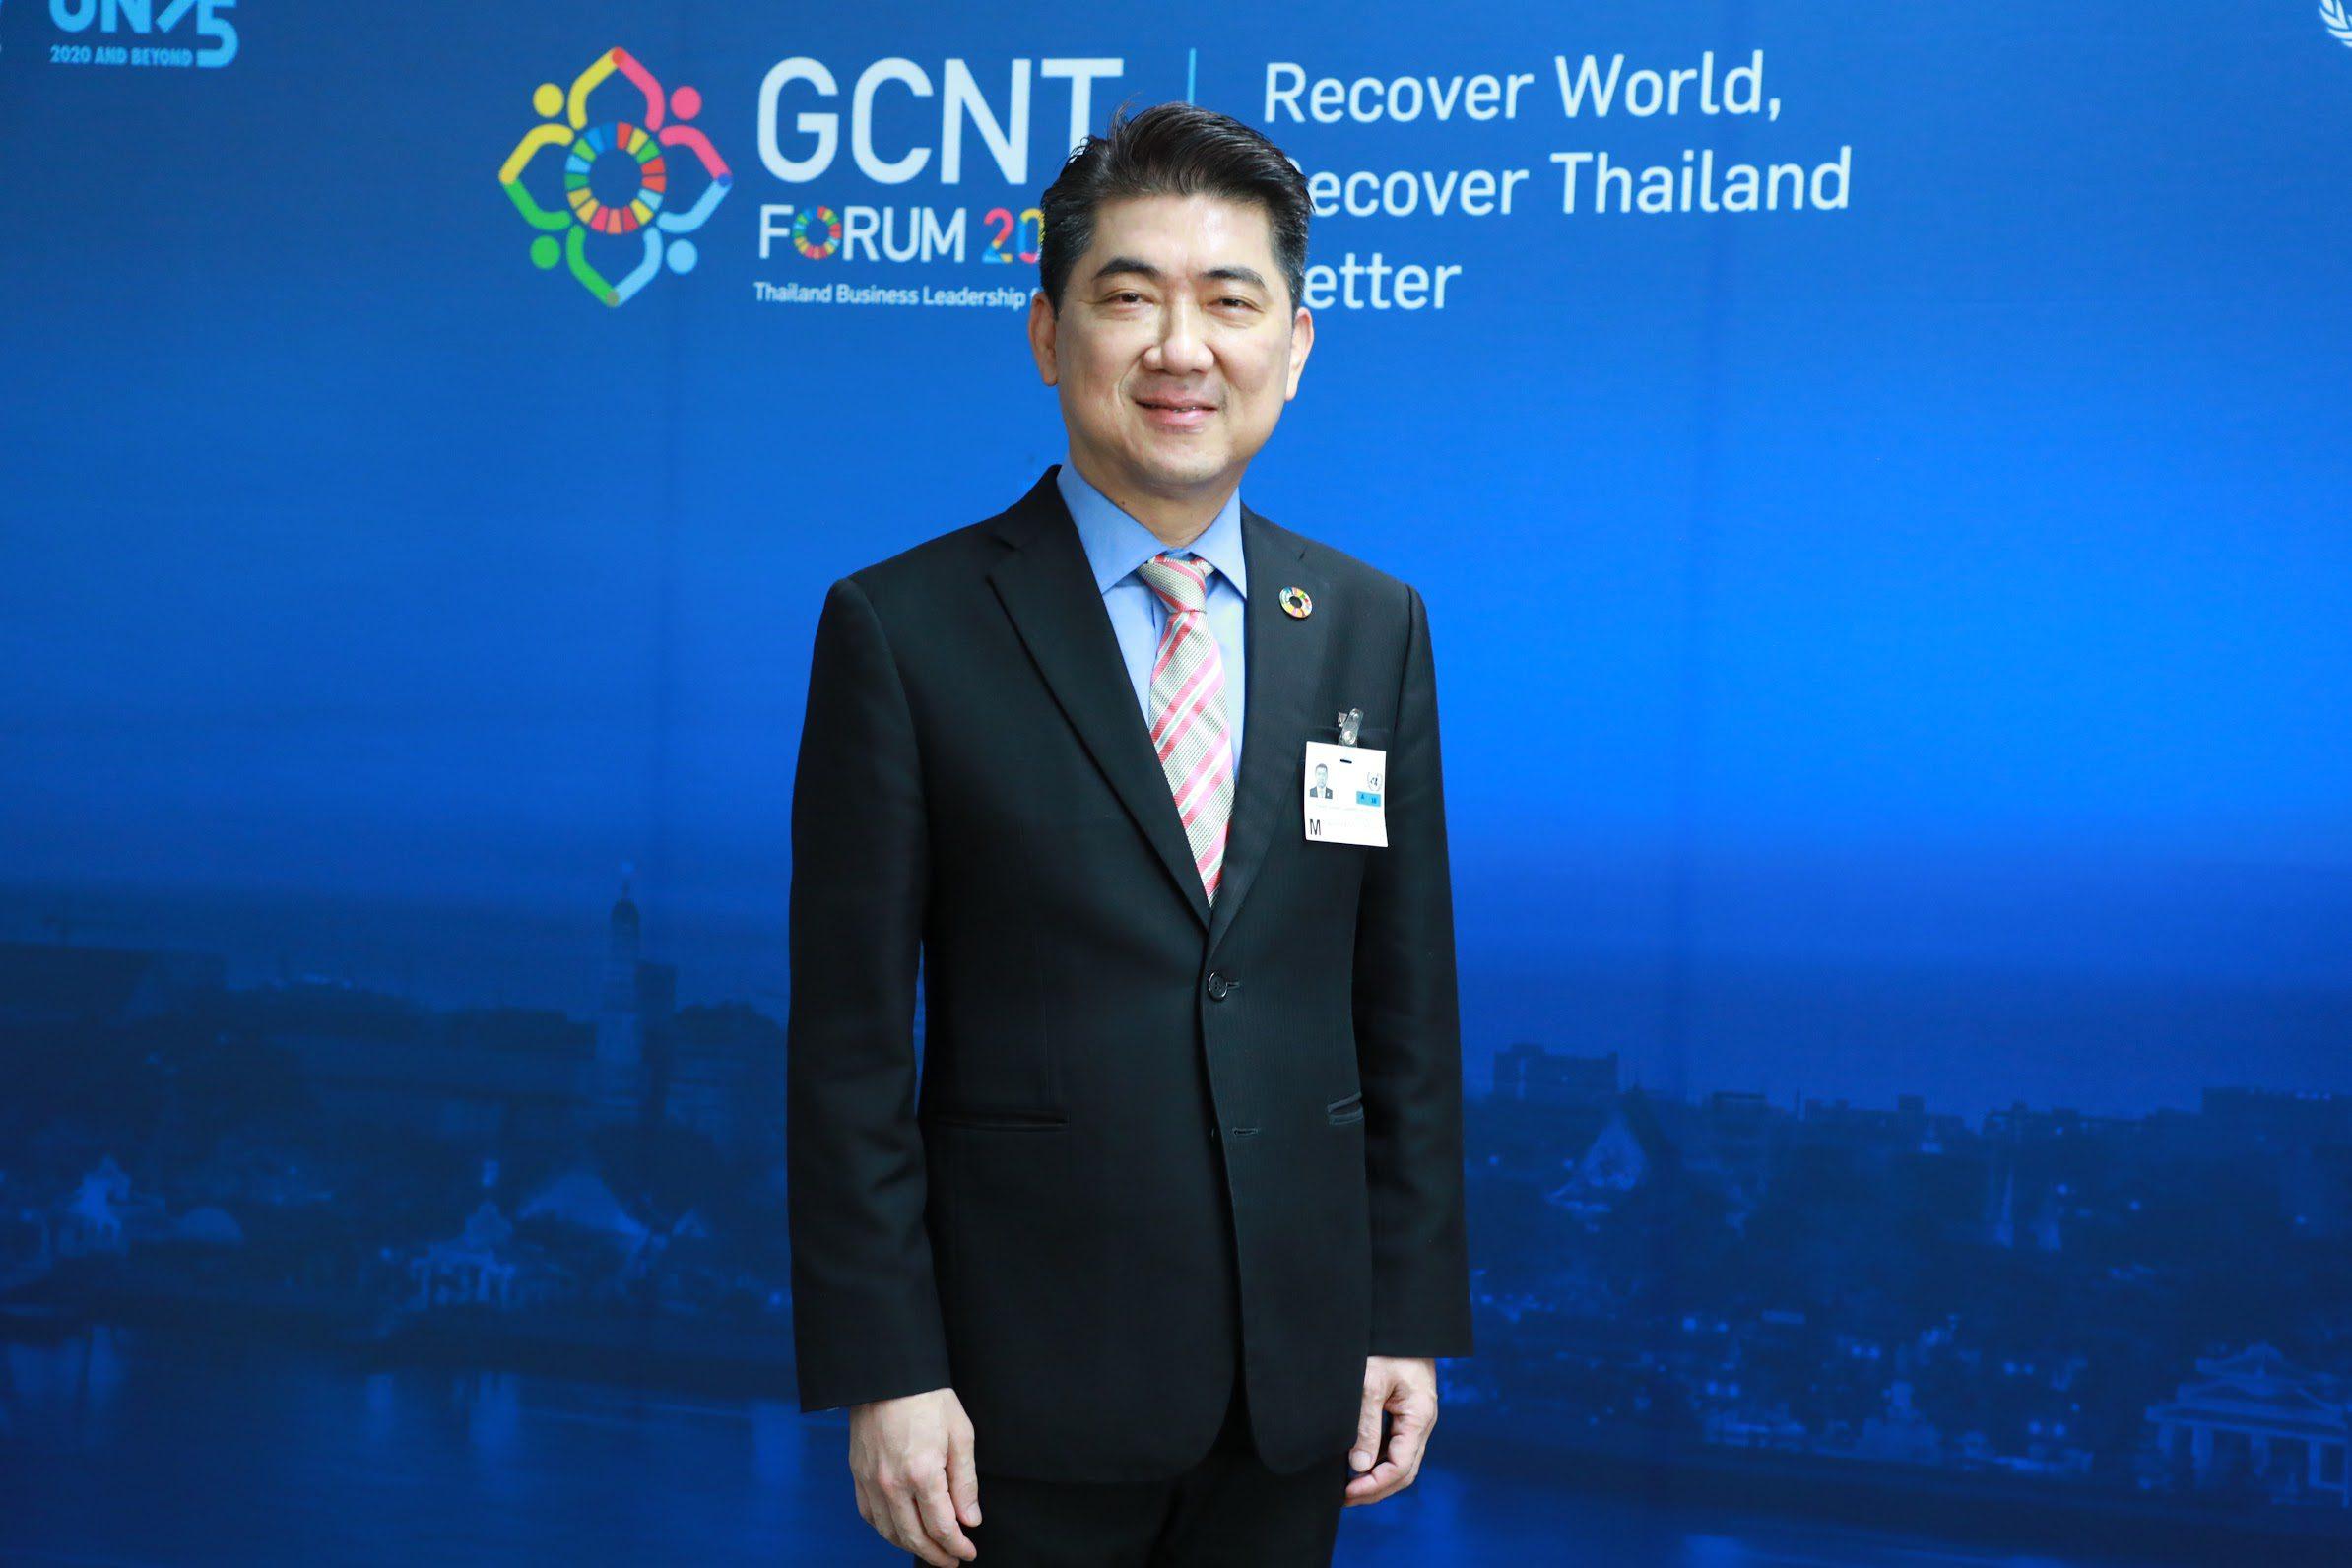 """ซีพีเอฟ ยก""""เป้าหมายความยั่งยืน"""" เป็นหัวใจดำเนินธุรกิจ เน้นดูแลบุคลากรอย่างดี ร่วมฟื้นฟูประเทศไทยหลังโควิด-19"""